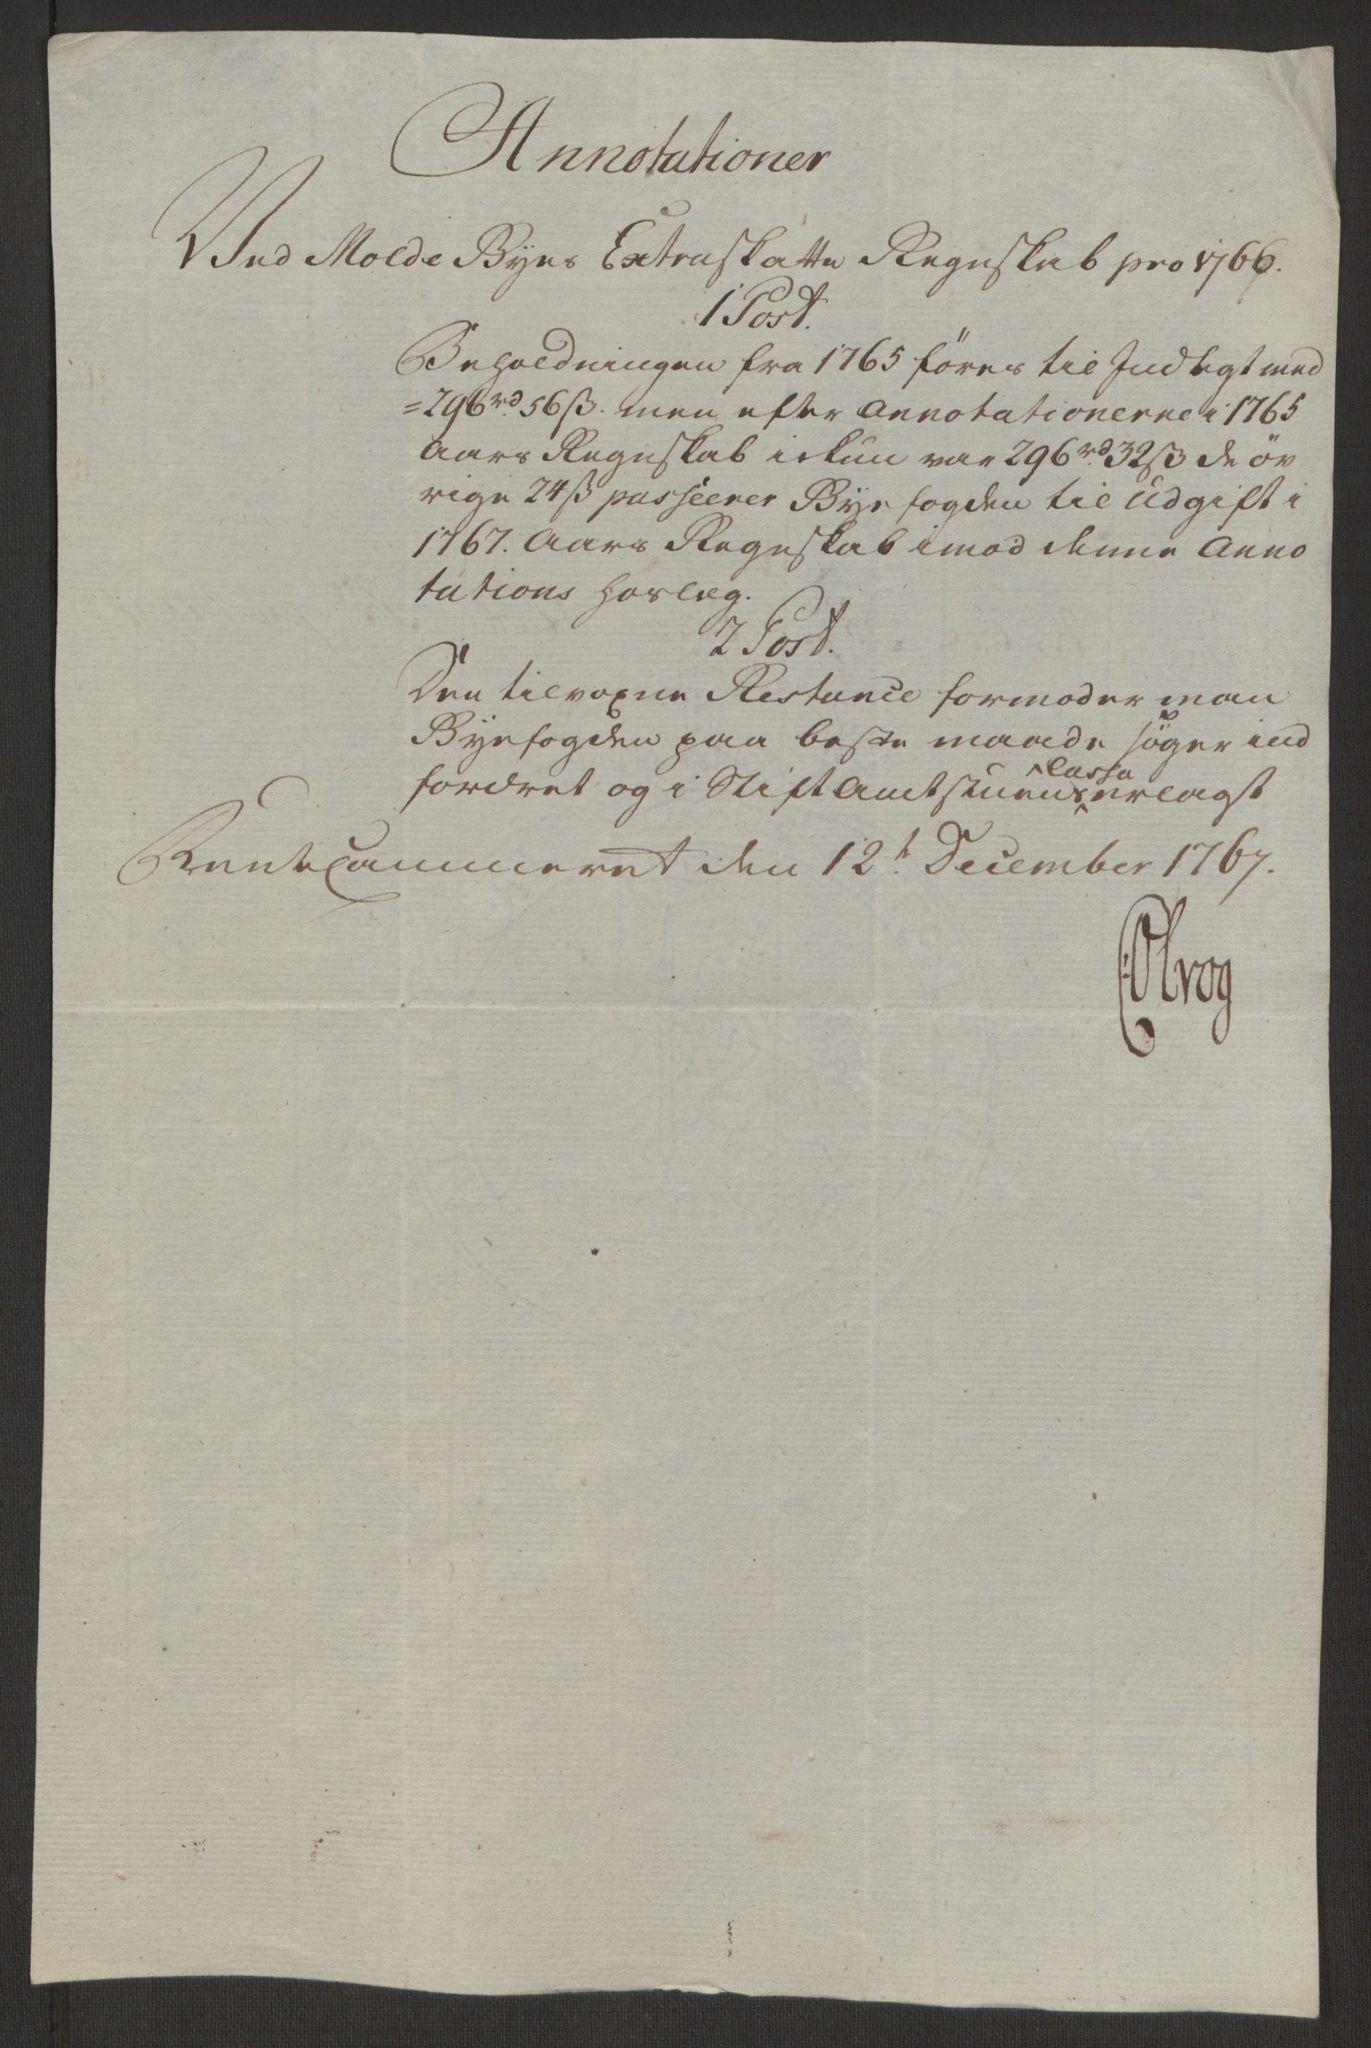 RA, Rentekammeret inntil 1814, Reviderte regnskaper, Byregnskaper, R/Rq/L0487: [Q1] Kontribusjonsregnskap, 1762-1772, s. 151